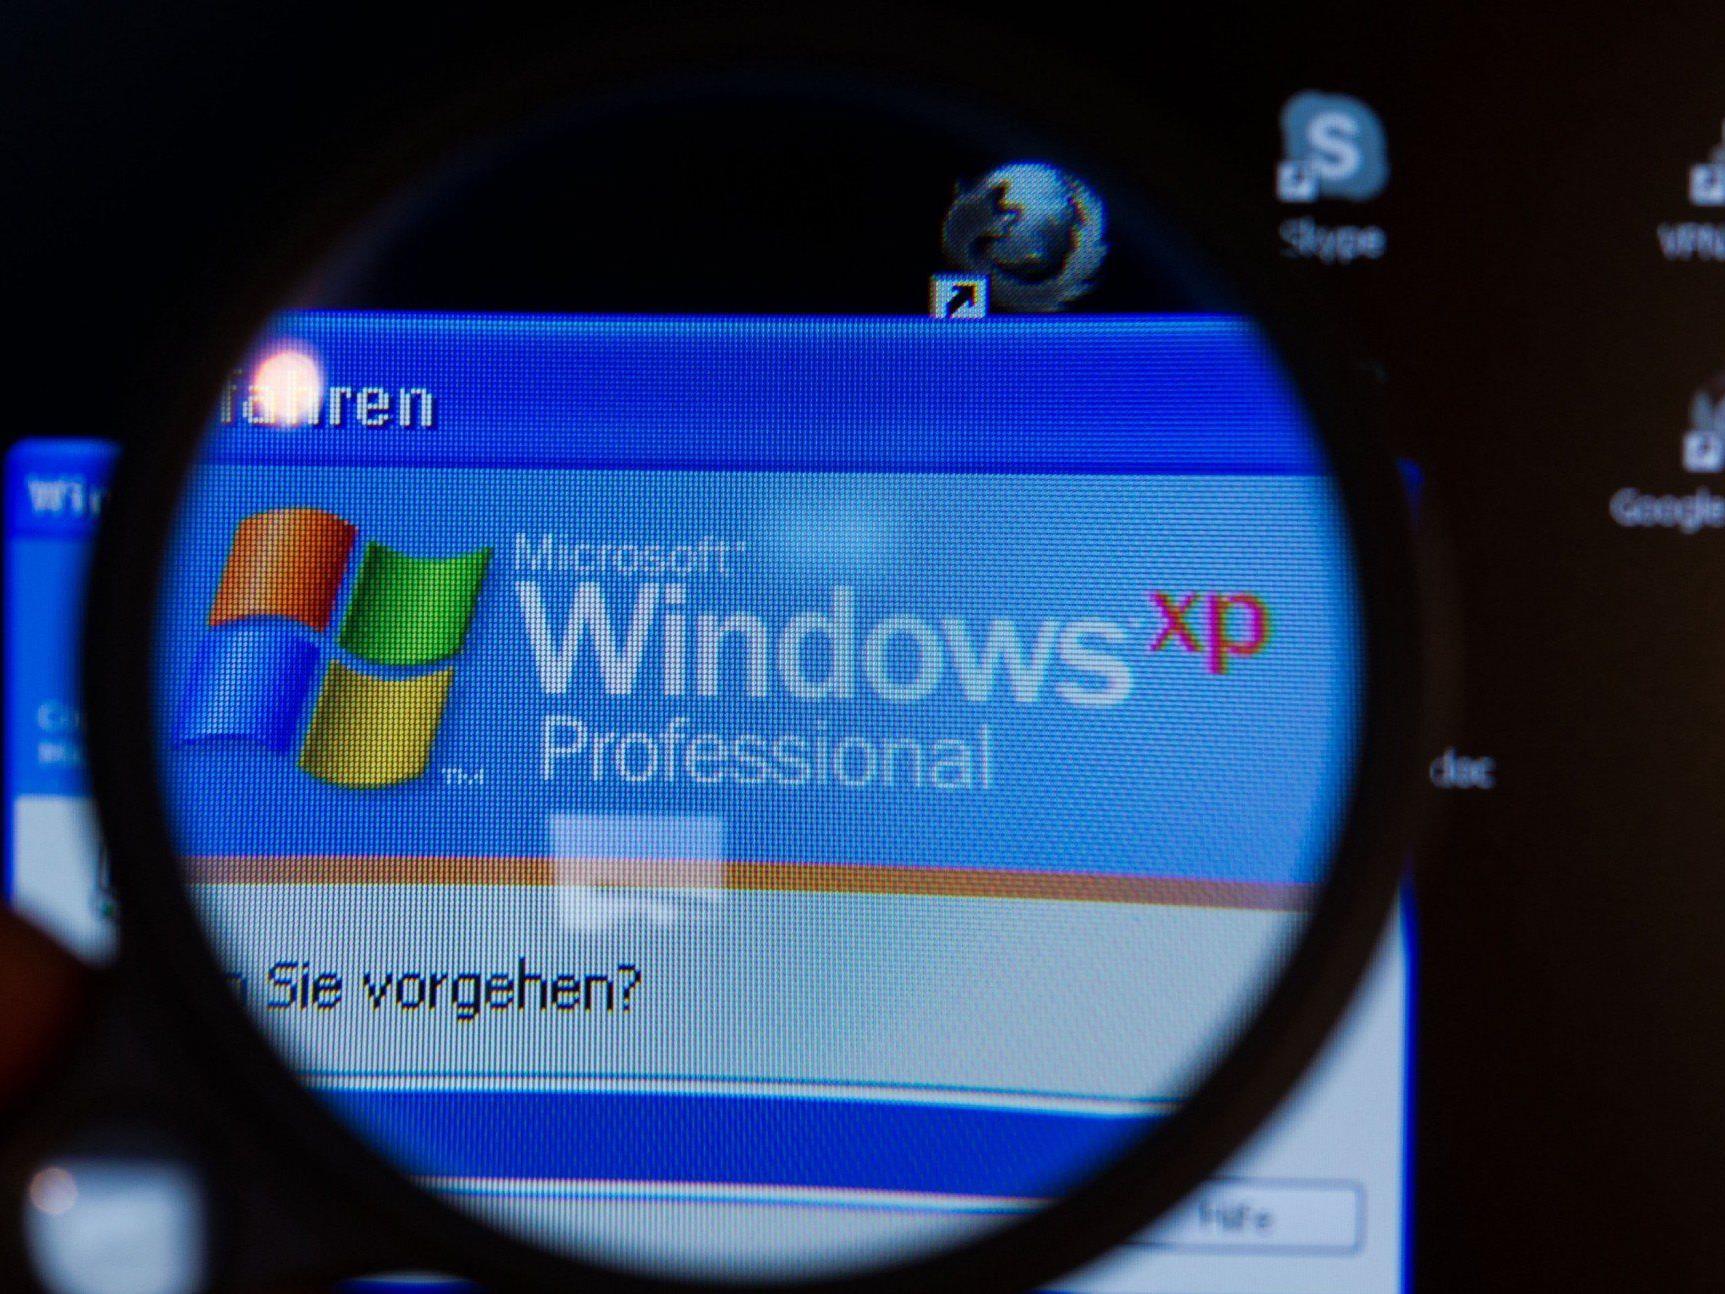 Gestern veröffentlichte Microsoft das letzte Sicherheitsupdate für Windows XP.